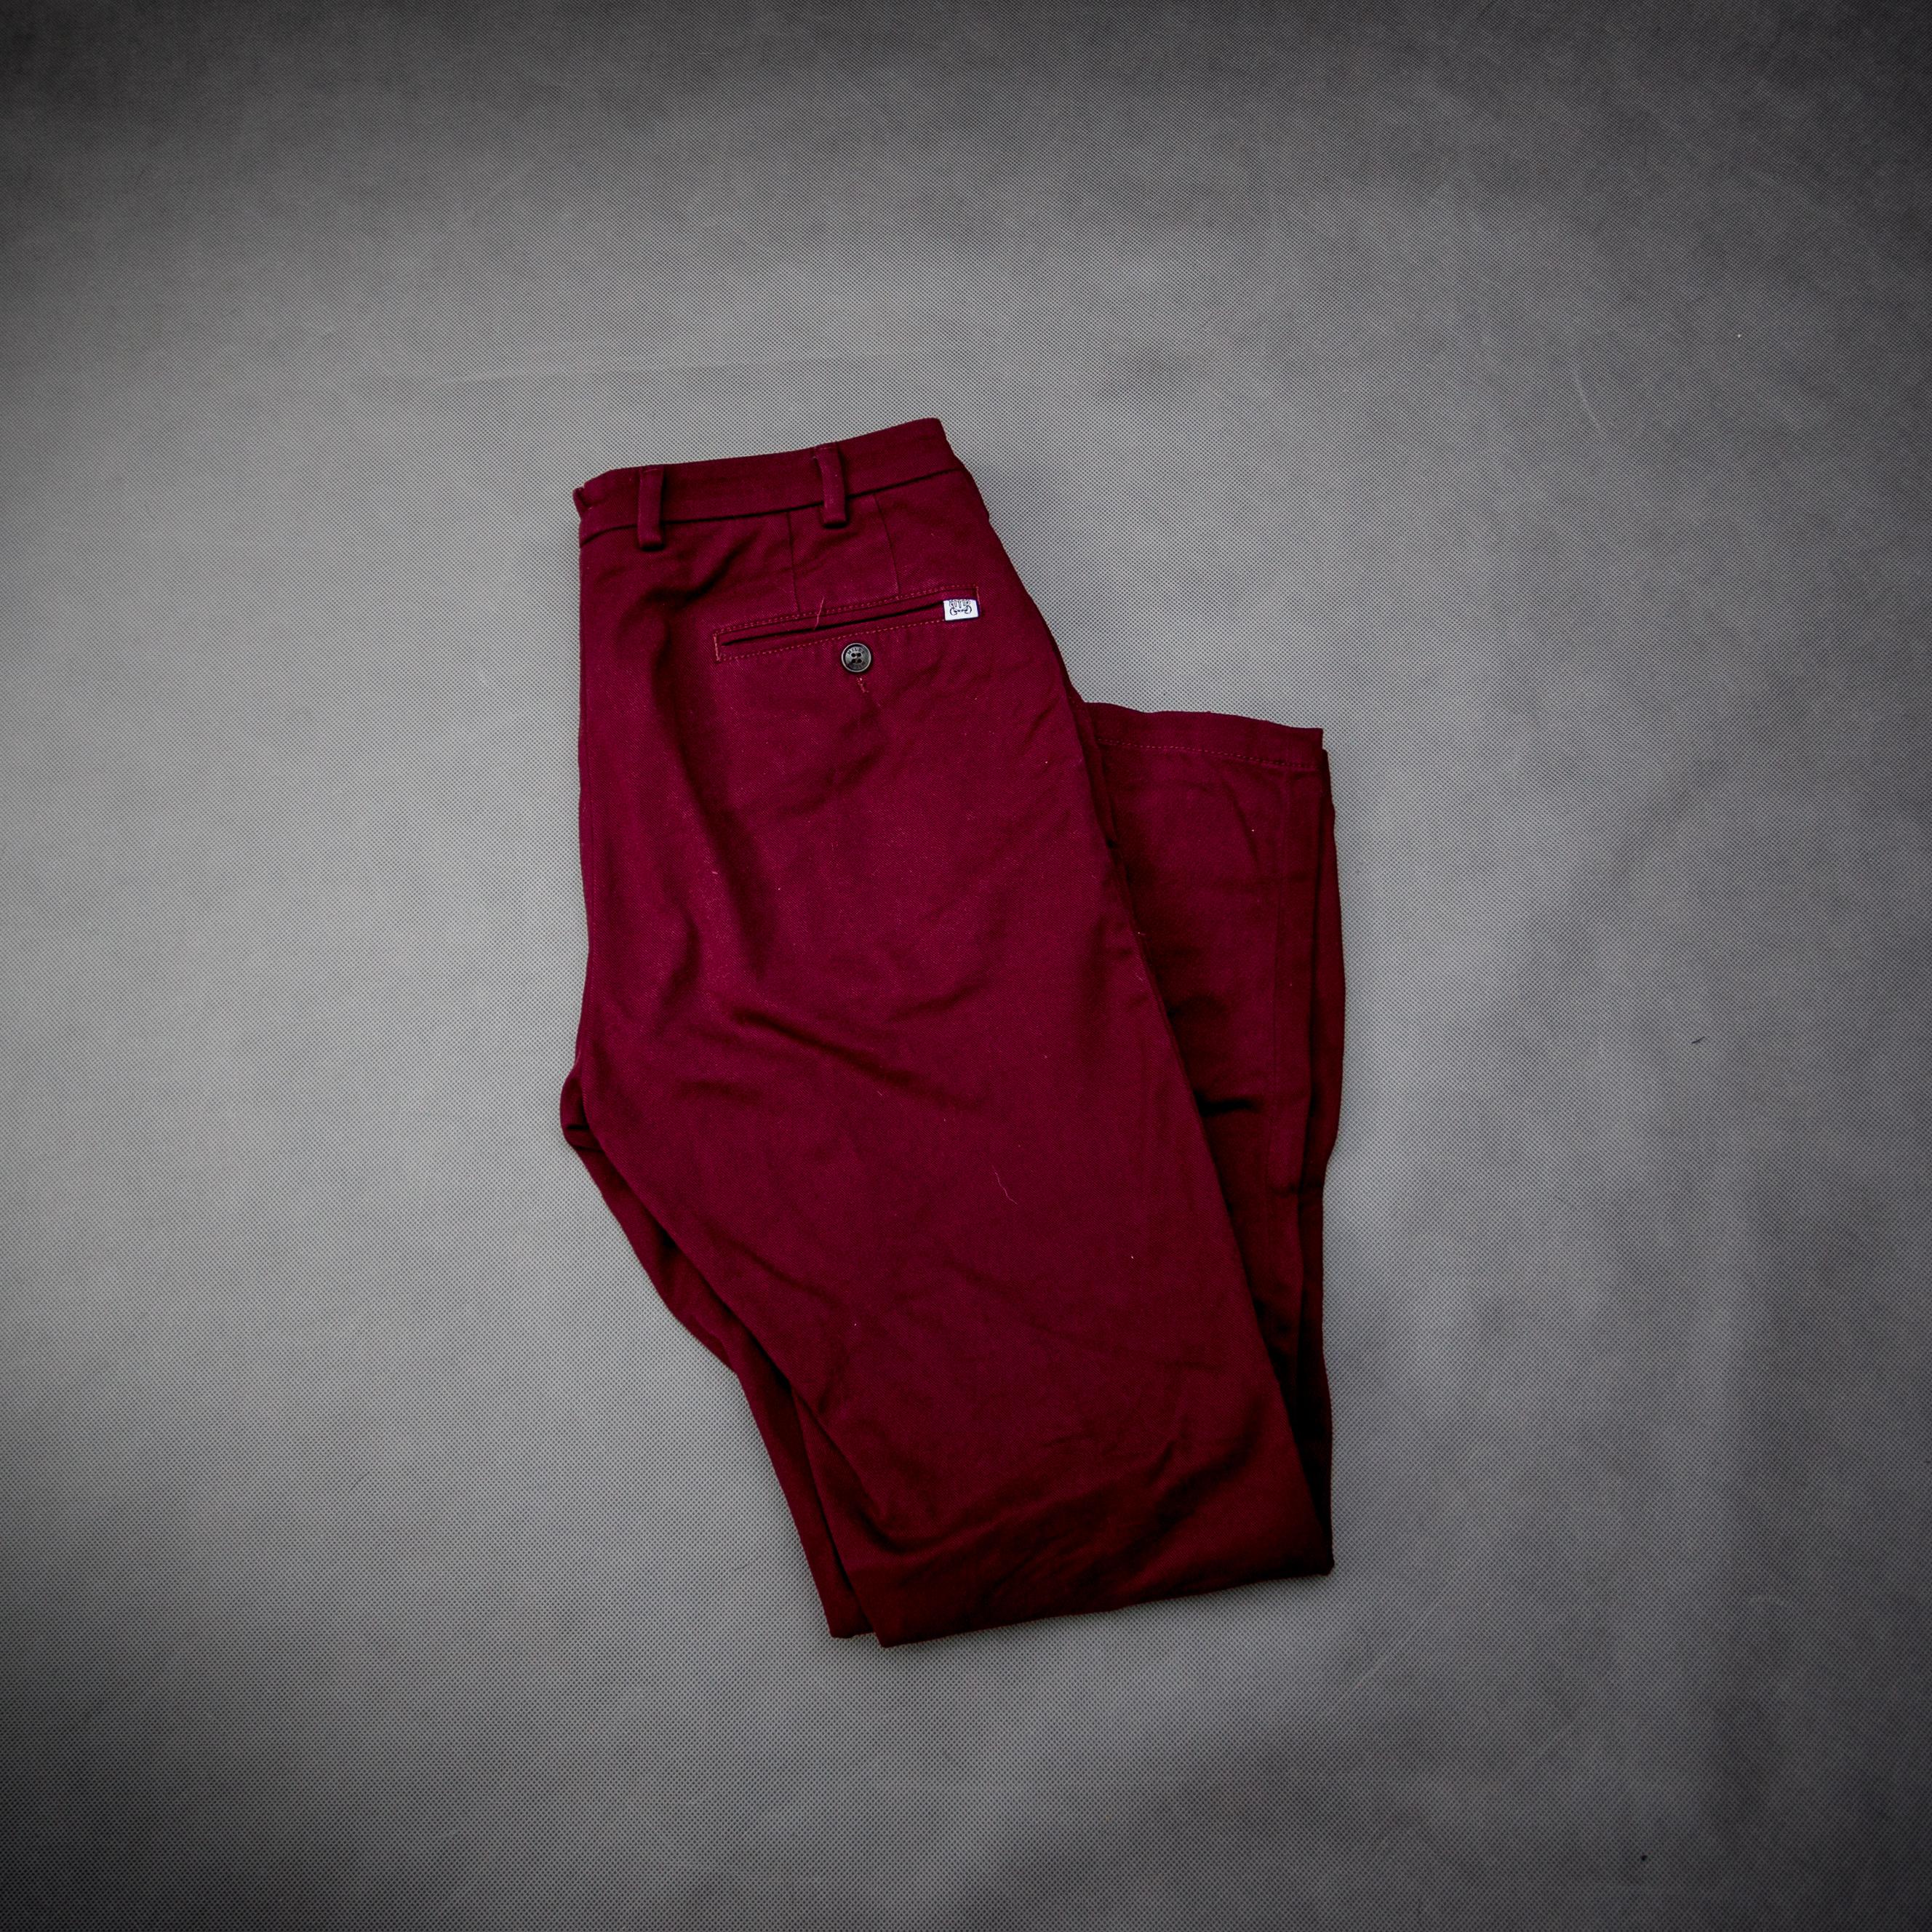 f3384177641dc bordowe spodnie chino chinosy podstawy jesiennej garderoby facet mężczyzna